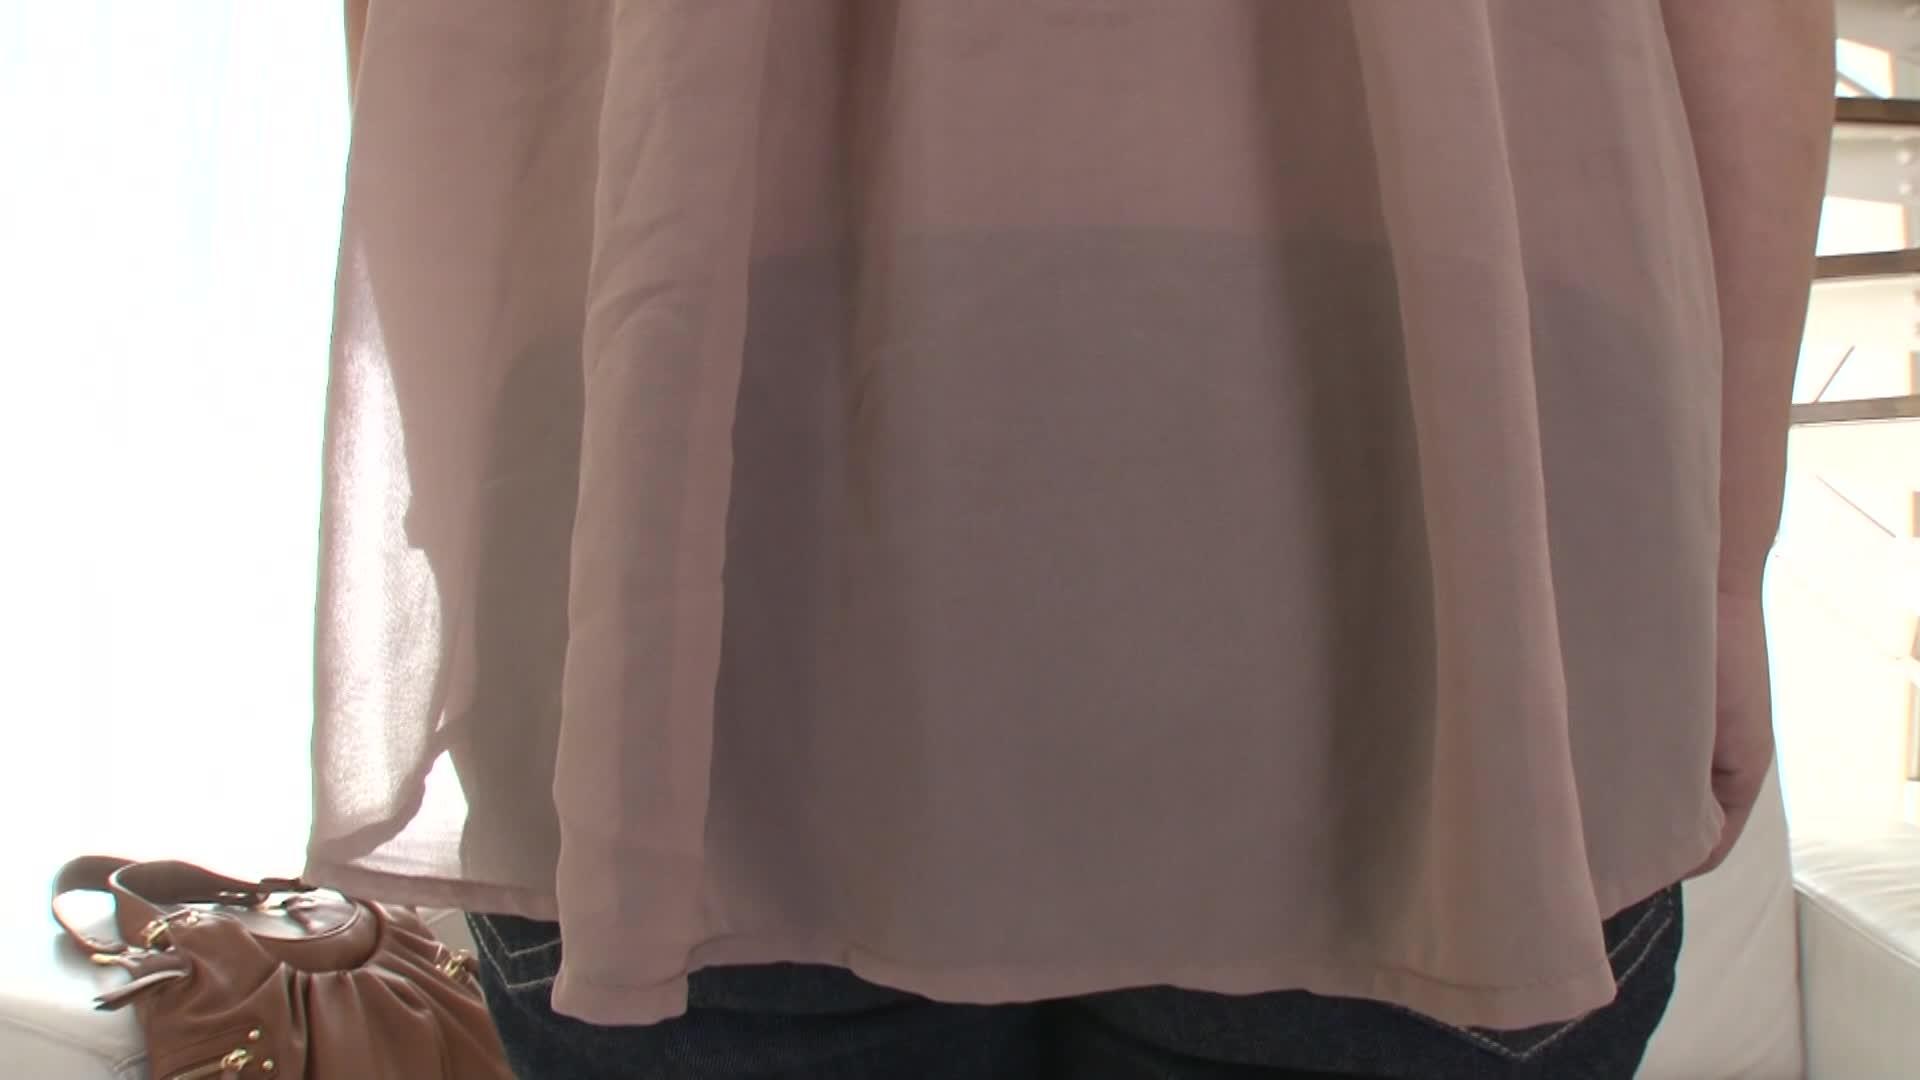 「自慢はGカップのおっぱいです!」45歳の早川友里子さんが初脱ぎ初撮りAVデビューするドキュメント企画